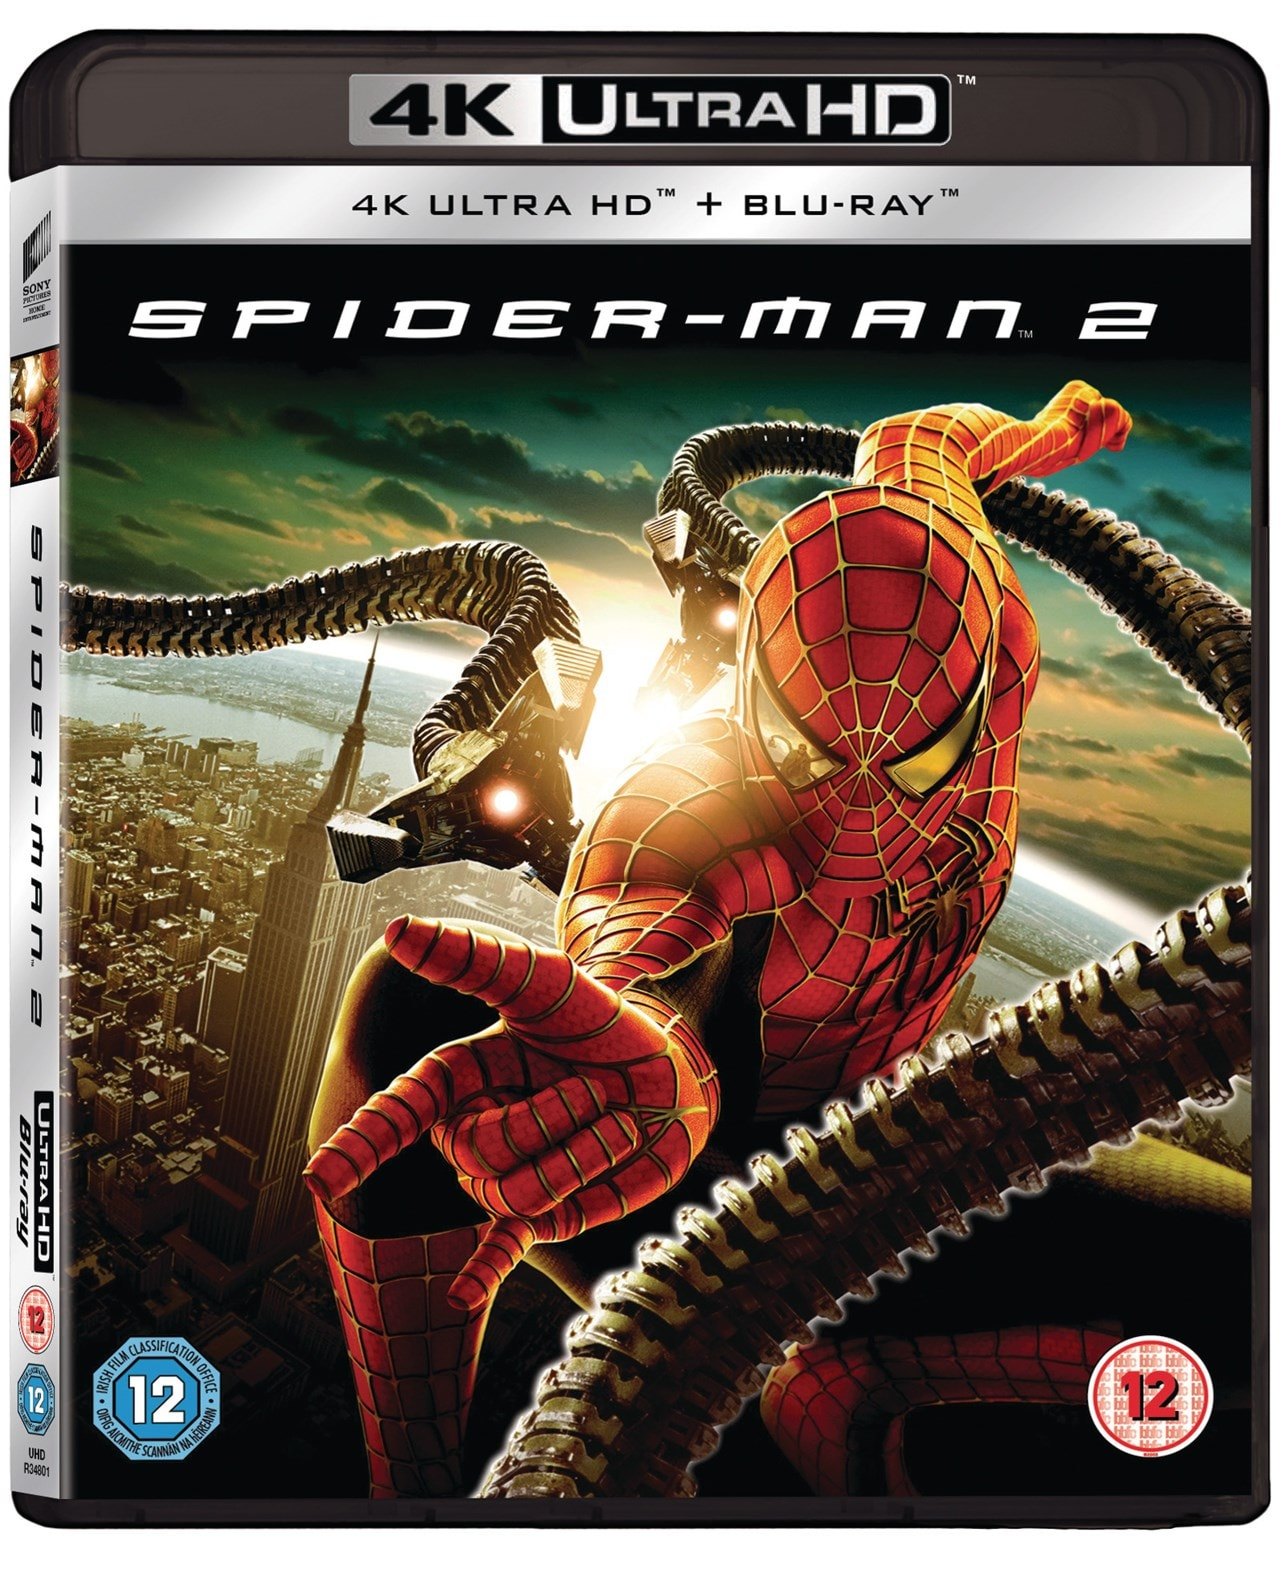 Spider-Man 2 - 2